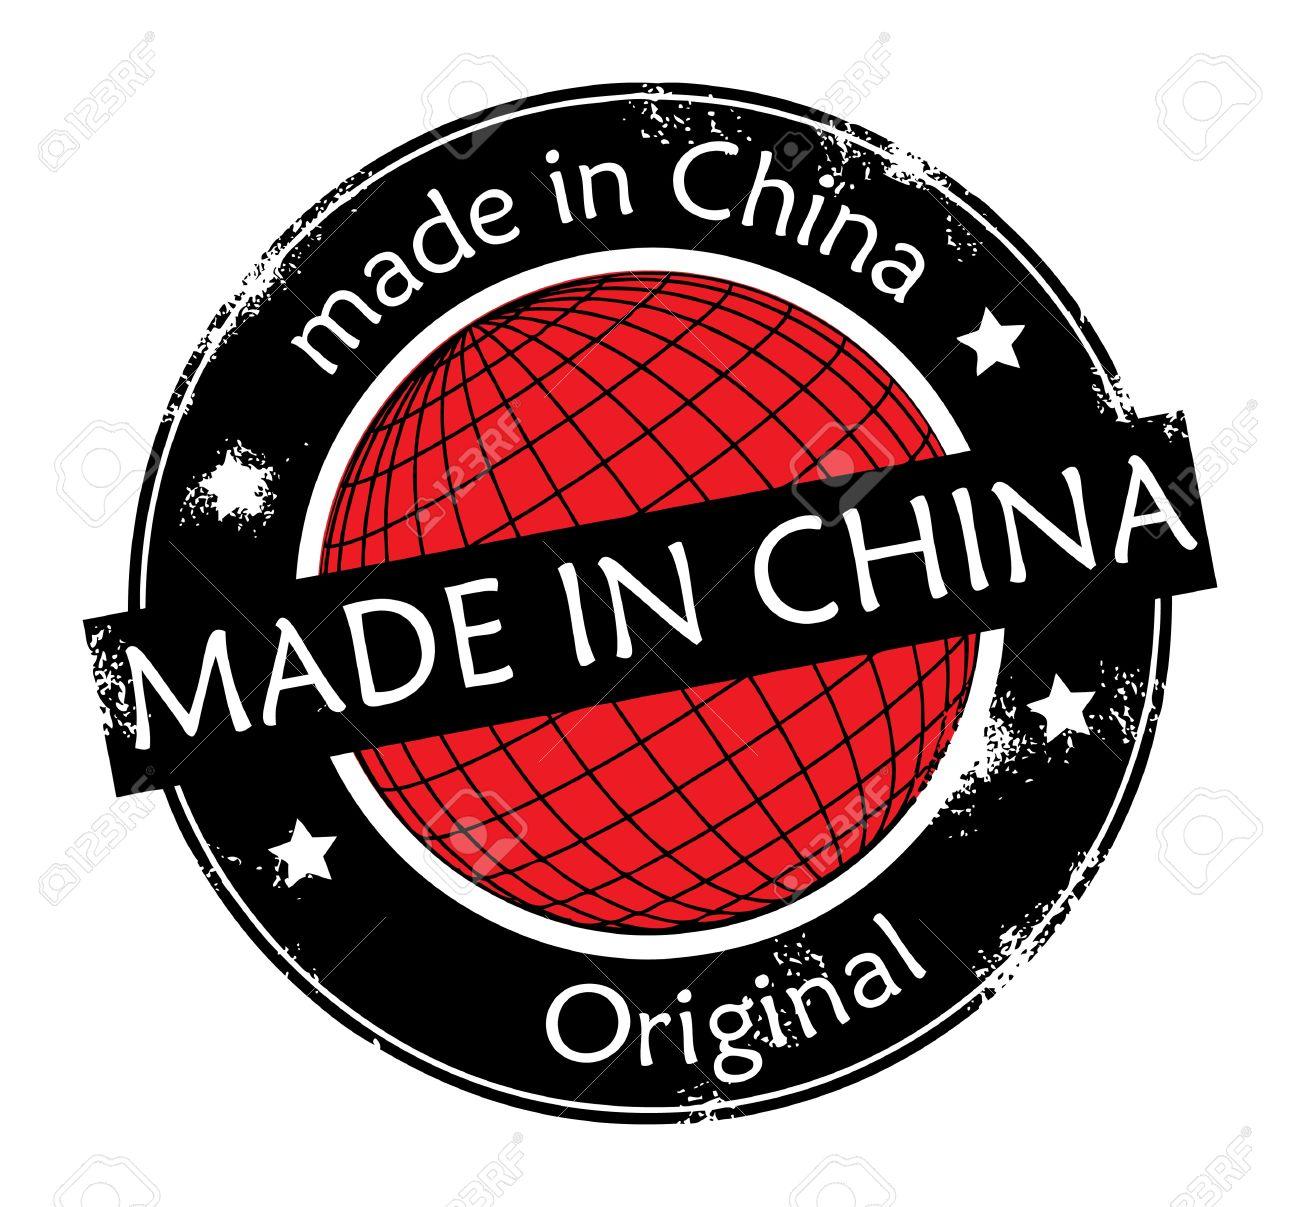 برای نخریدن اجناس چینی،ما کی سر غیرت میاییم؟!